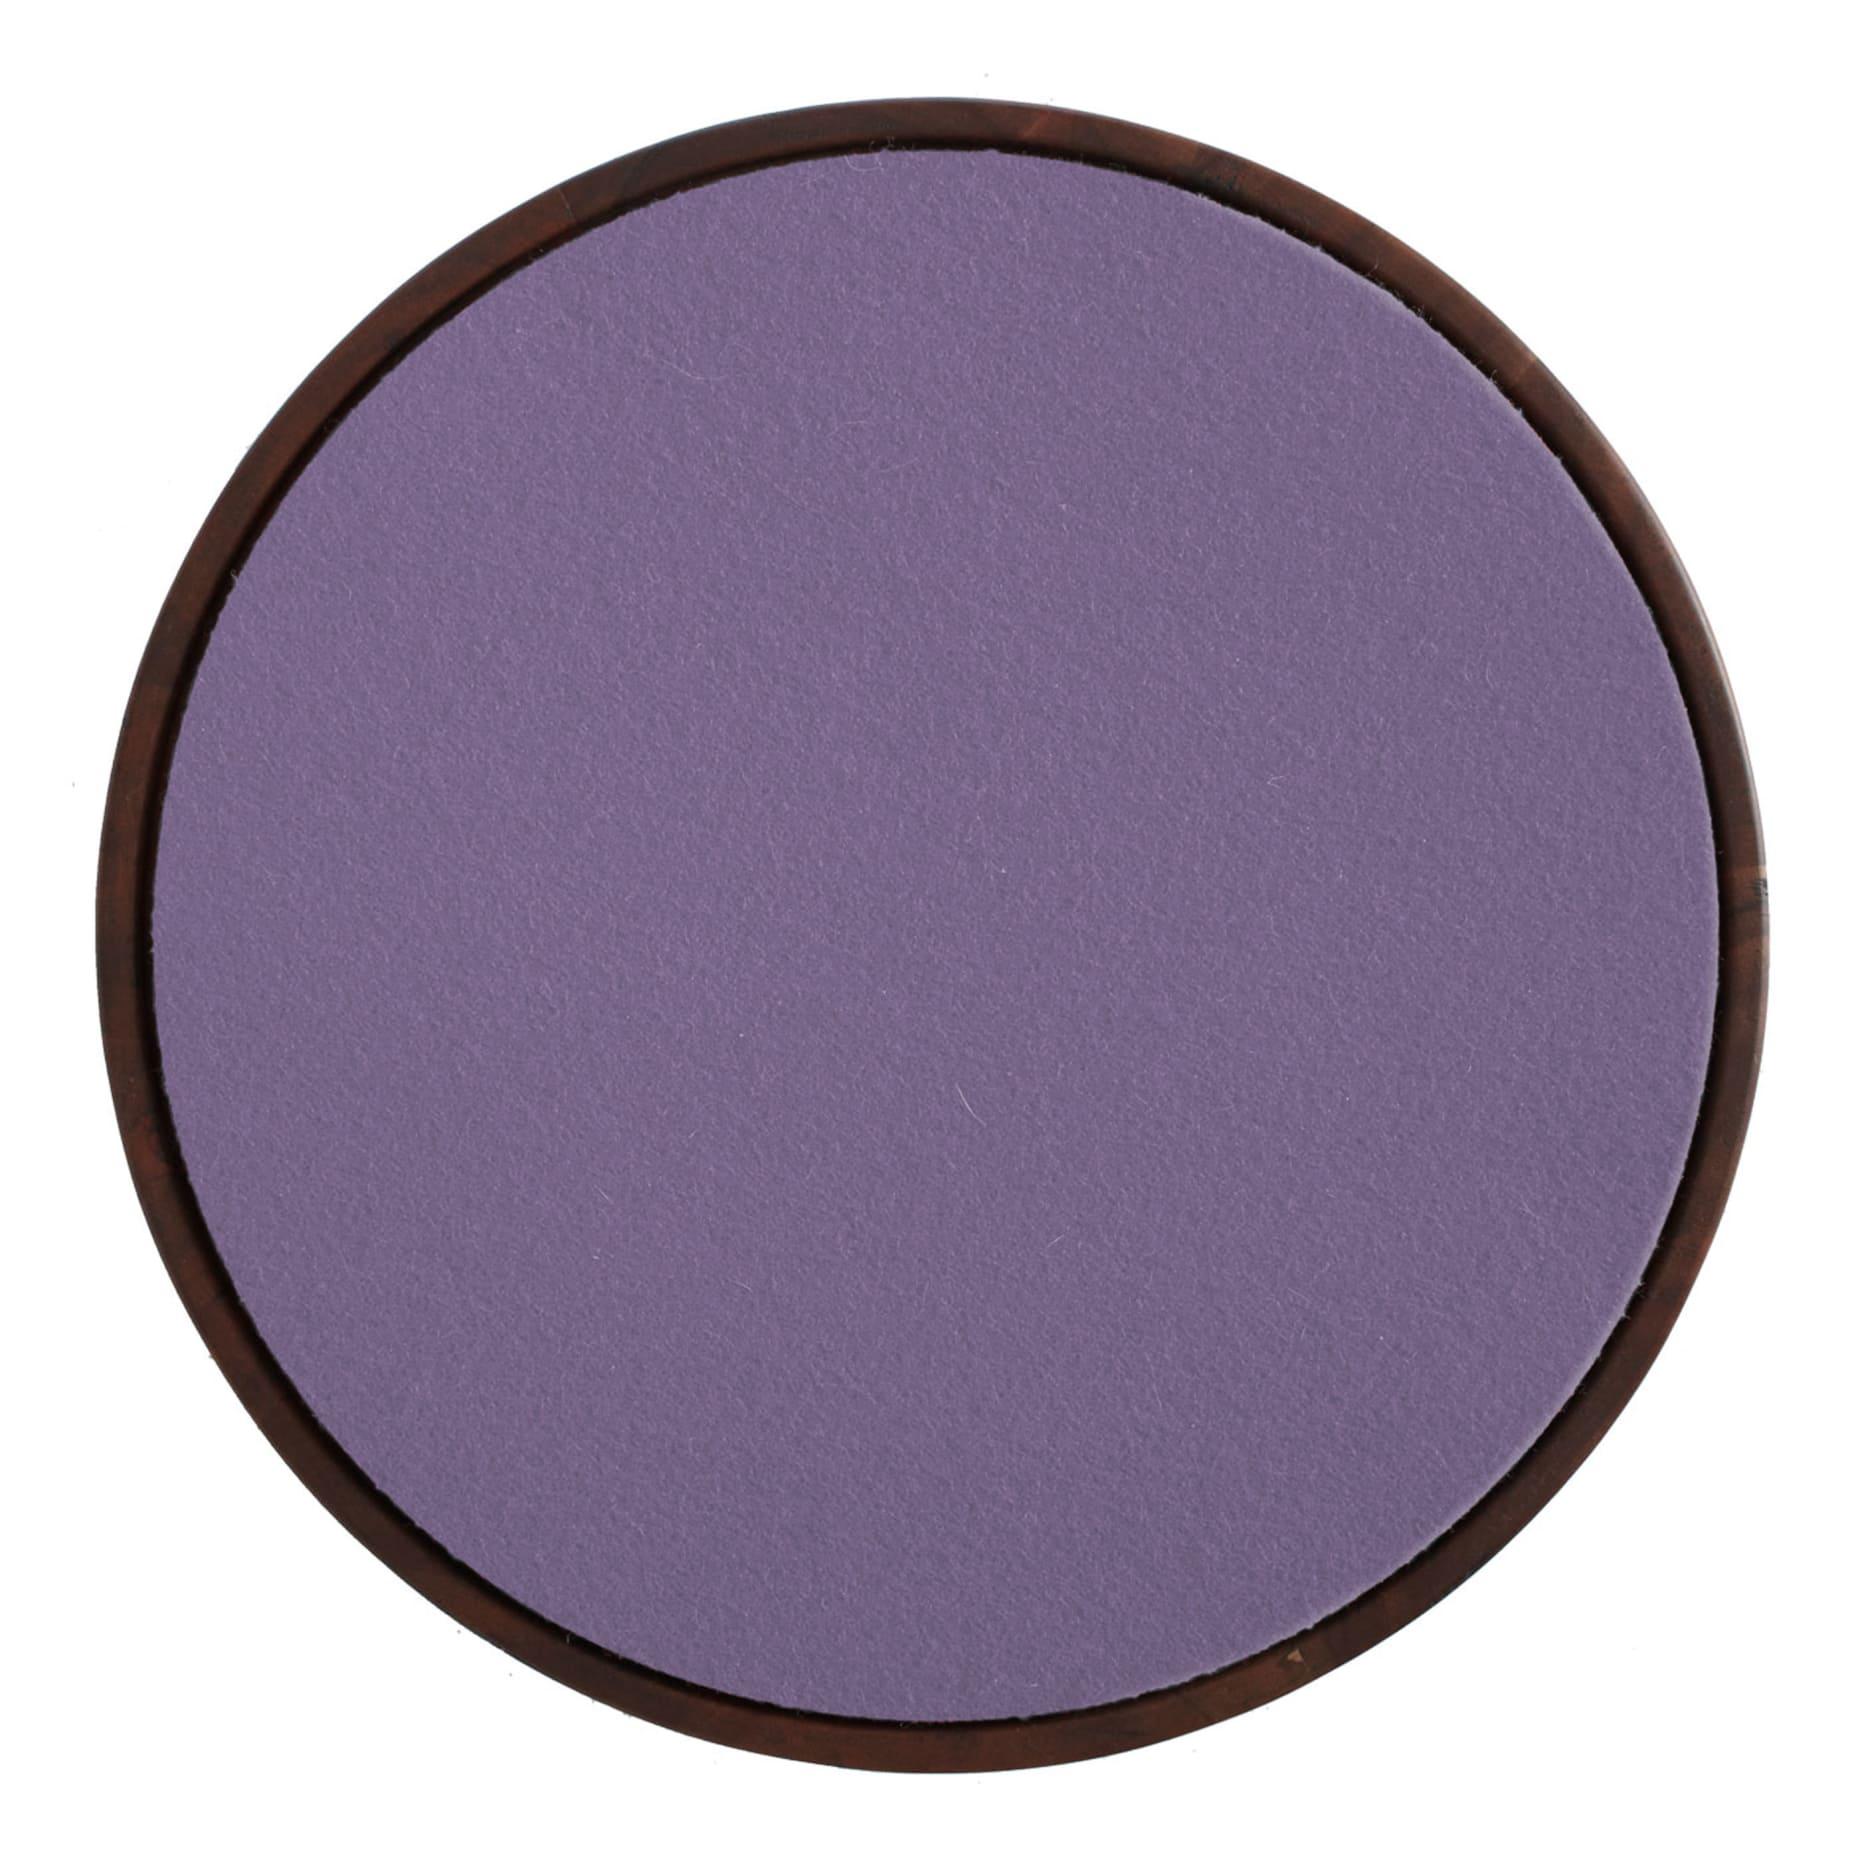 tn1 sfltpd lc turn pad lilac